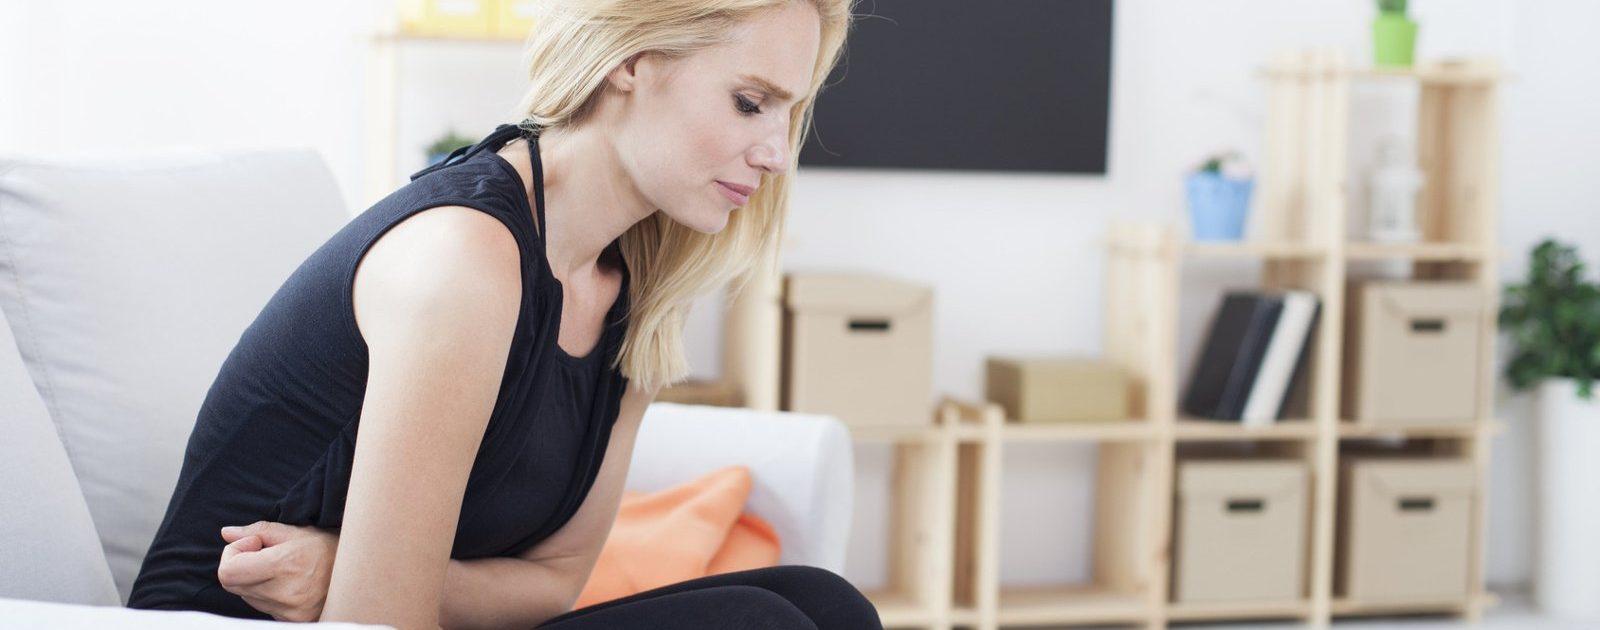 Frau hält sich den schmerzenden Bauch: Bei langanhaltenden, starken Bauchschmerzen sollte ein Arzt aufgesucht werden